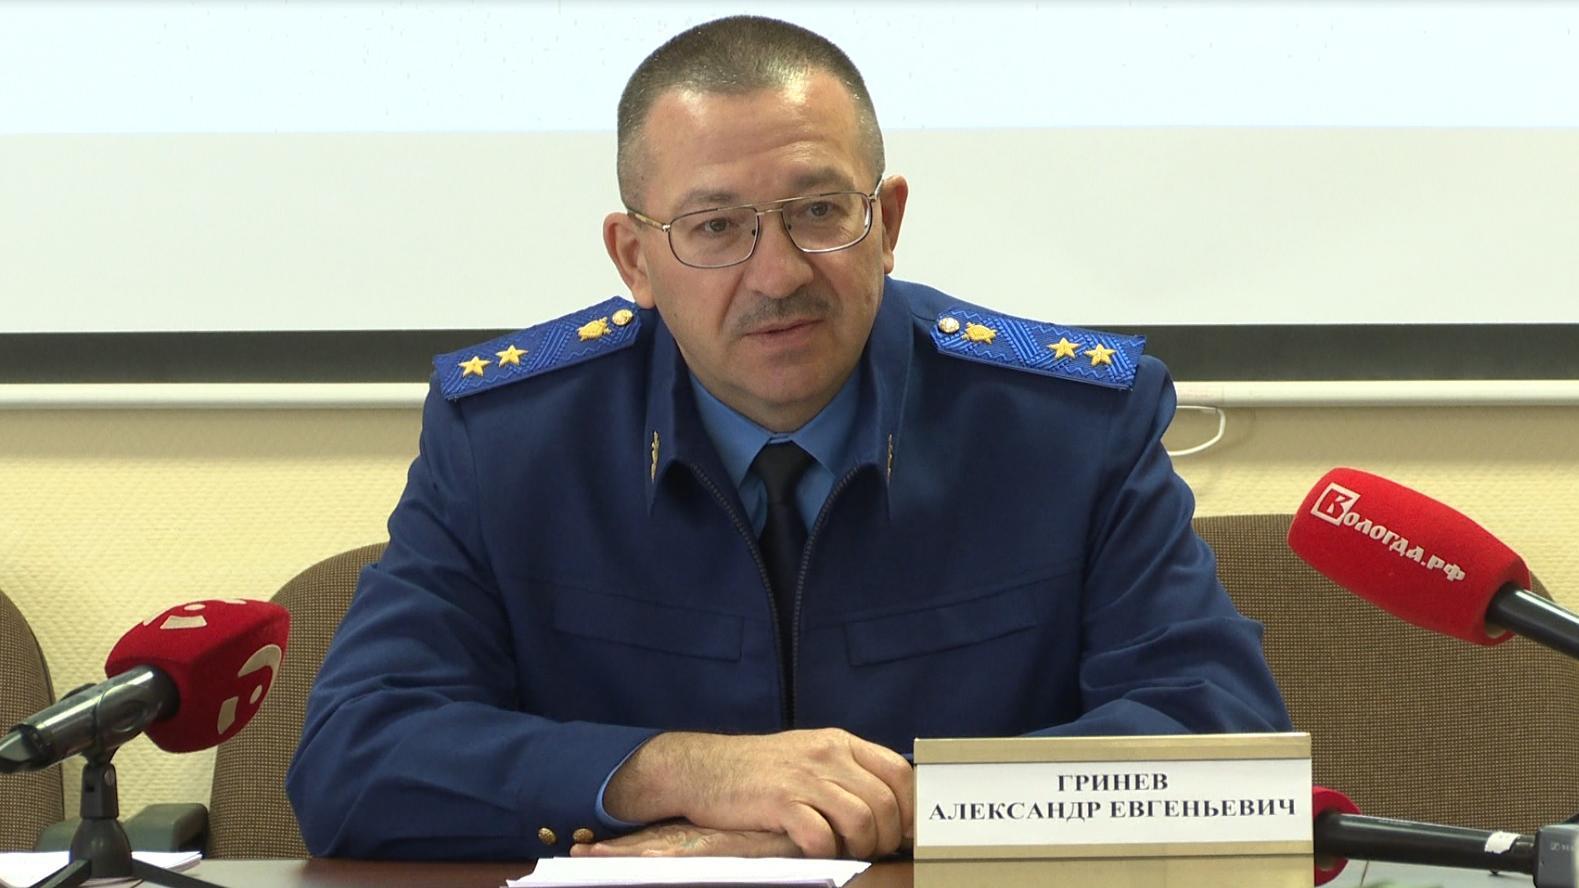 Прокурор Вологодской области одобрил проводимую на набережной реки реконструкцию